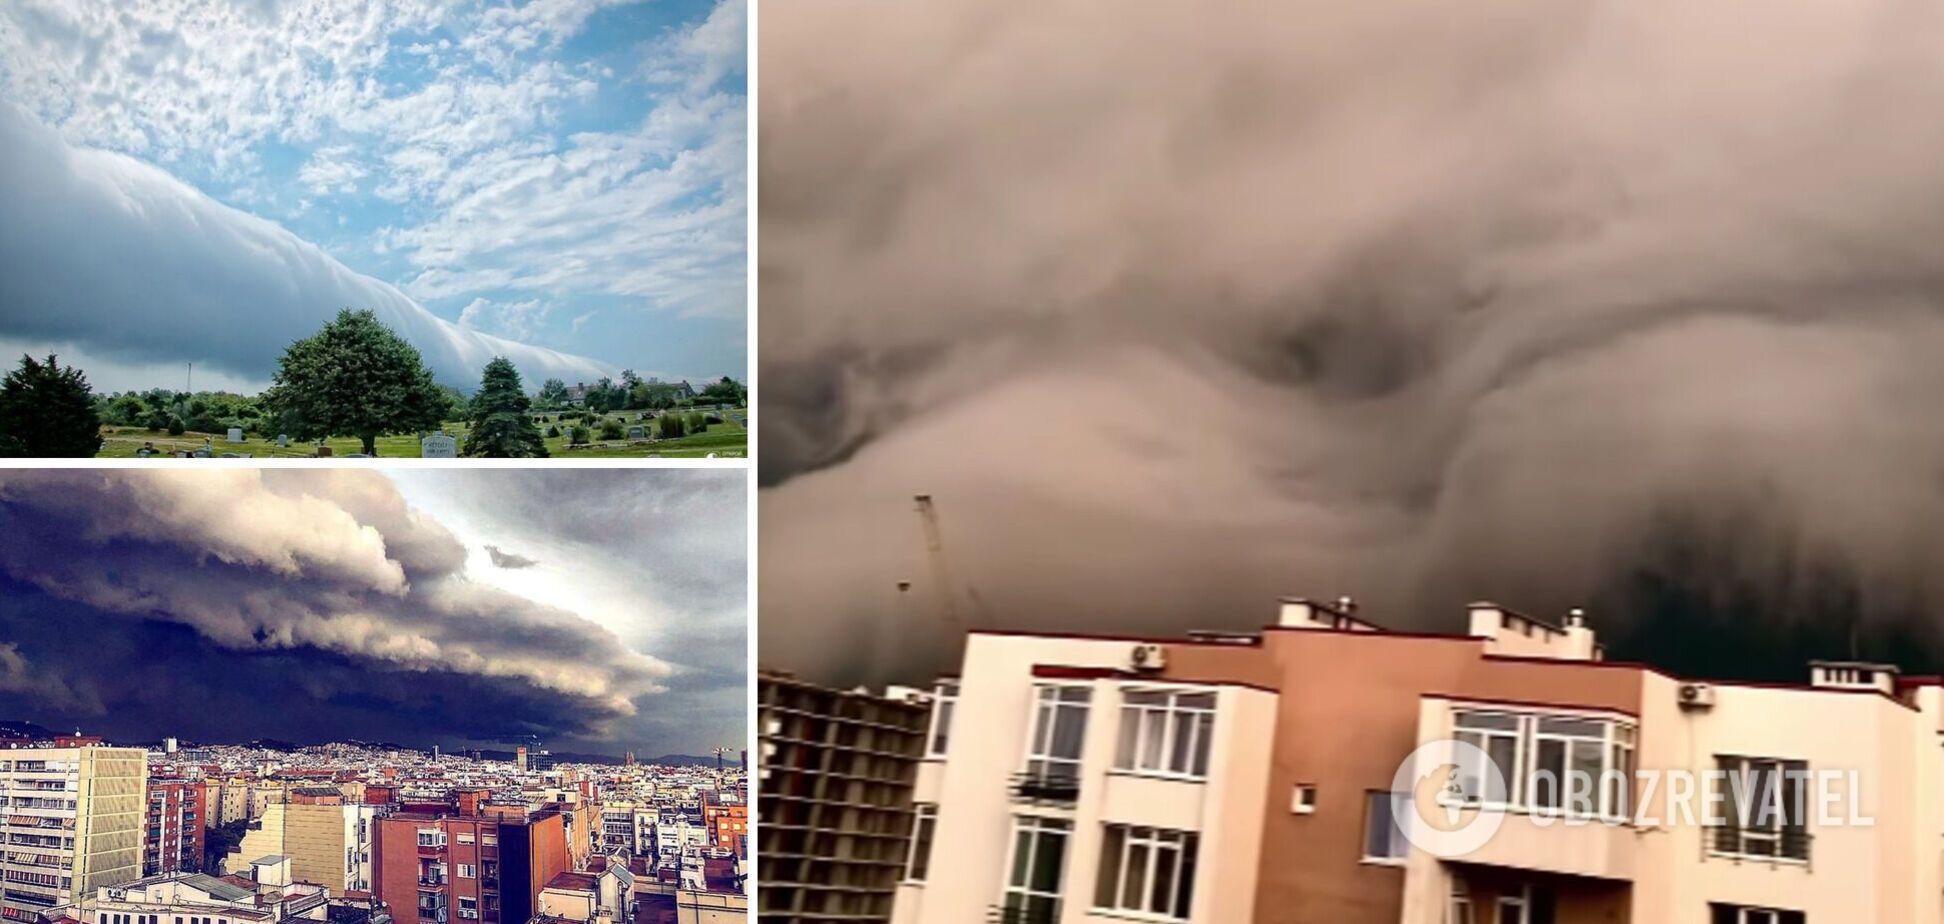 В небе над Львовом появилось гигантское грозовое облако: синоптик дала объяснение. Видео